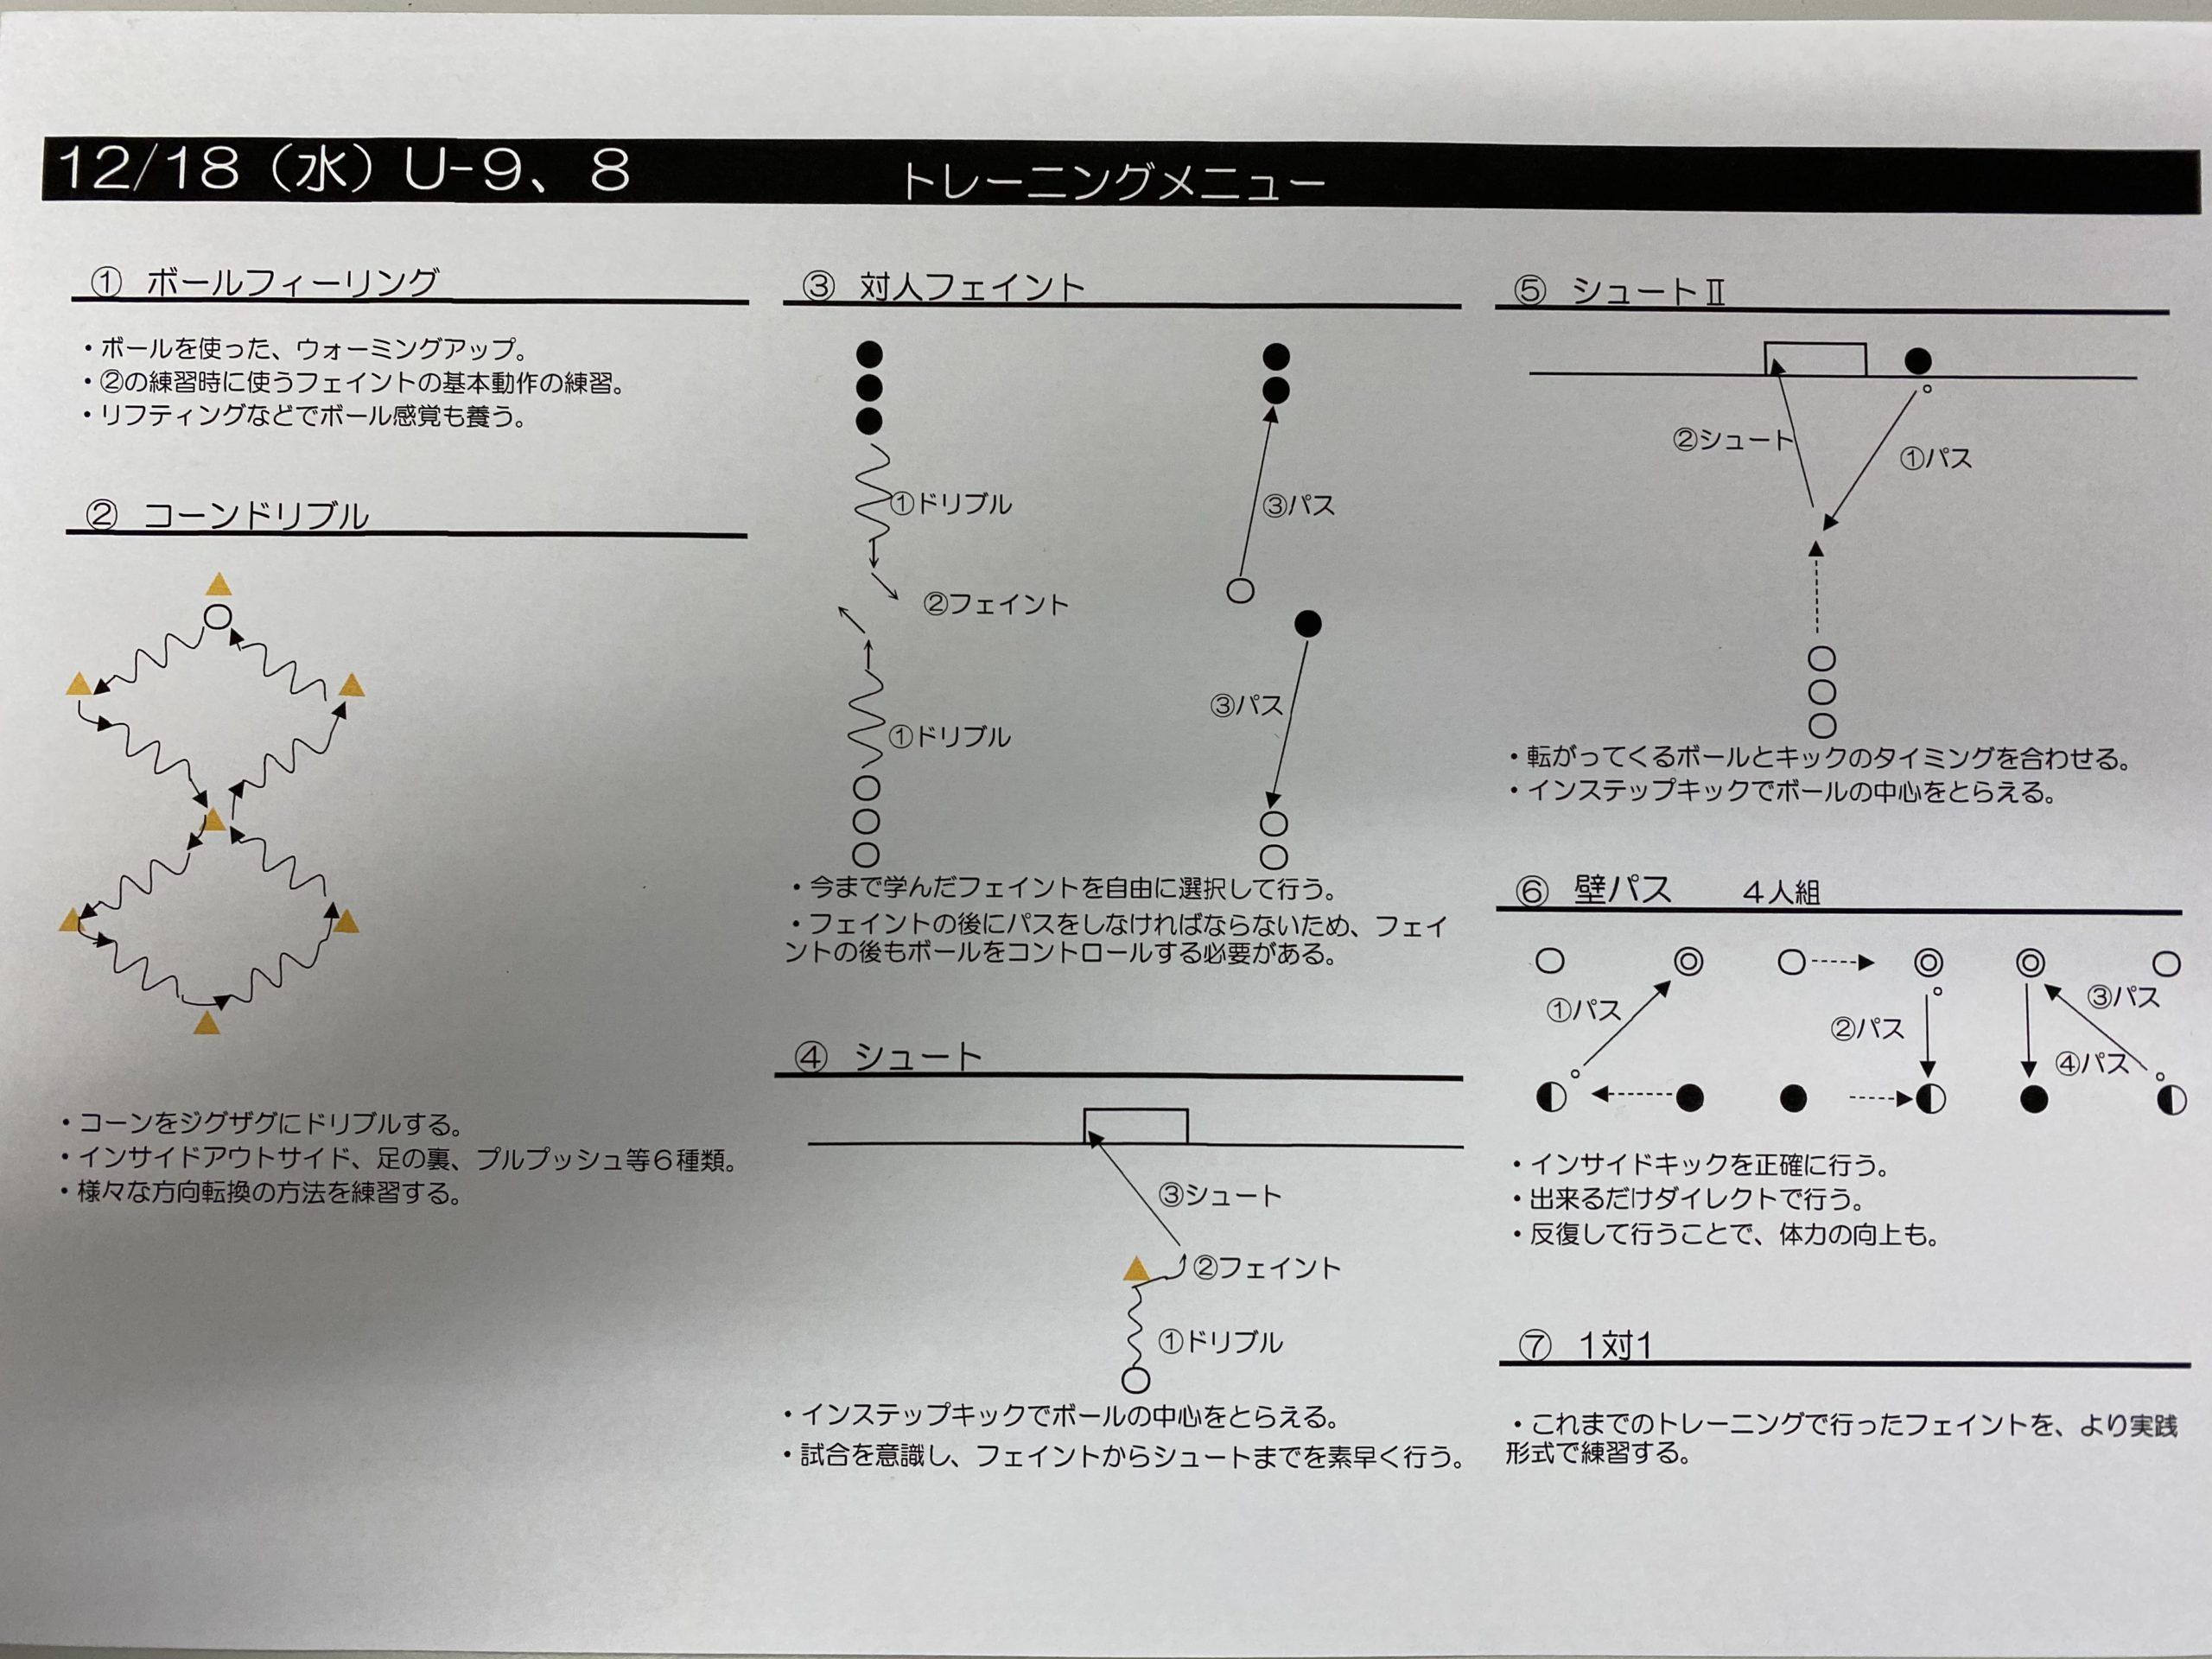 今日の練習メニュー131 12/18(水)